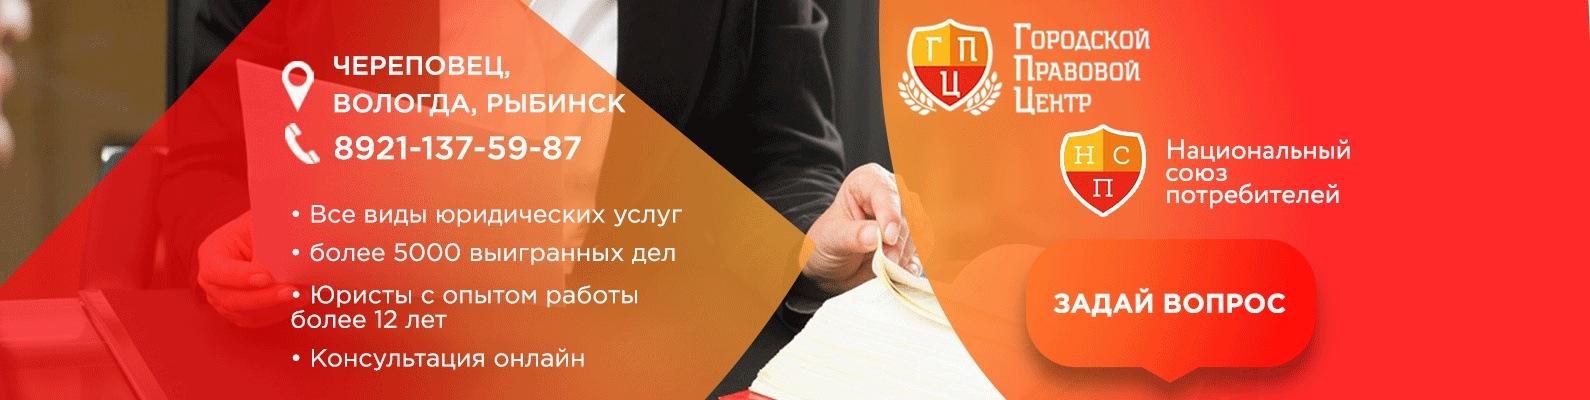 Бухгалтер консультация бесплатно вологда бланк договора электронной сдачи отчетности в пфр